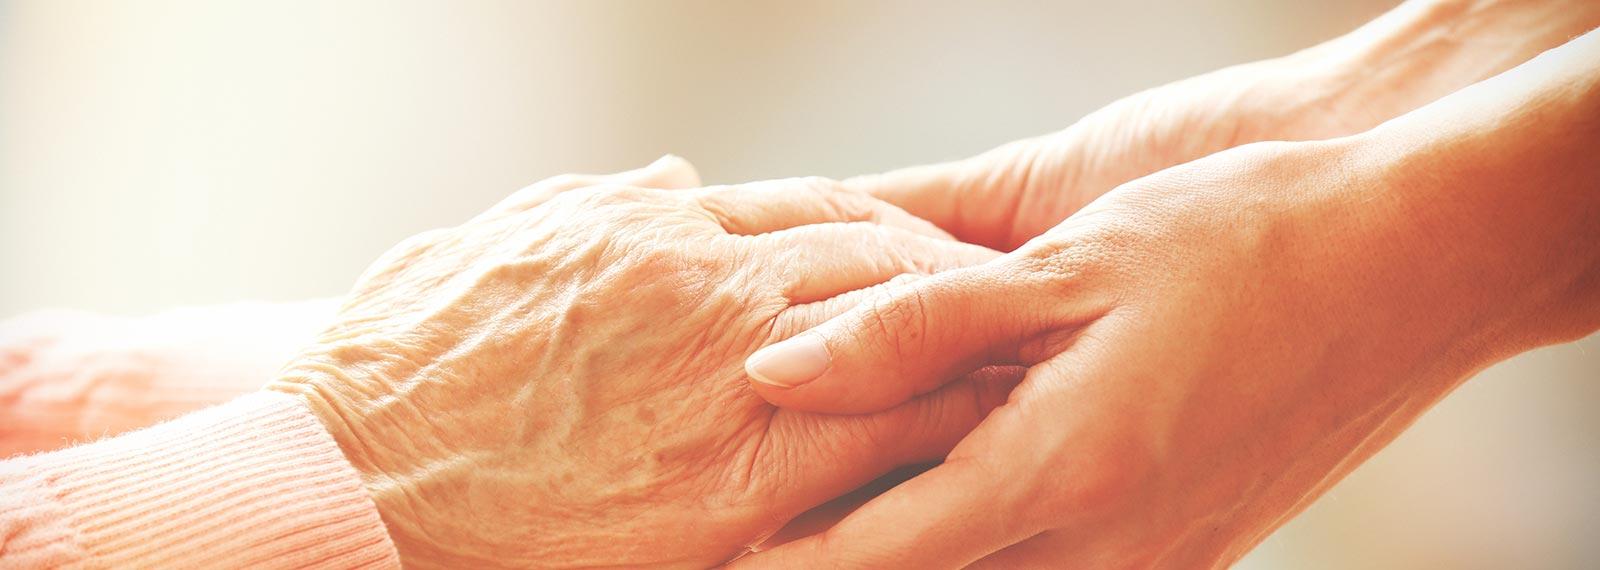 Pflegedienst, 24h Pflege, Seniorenbetreuung München